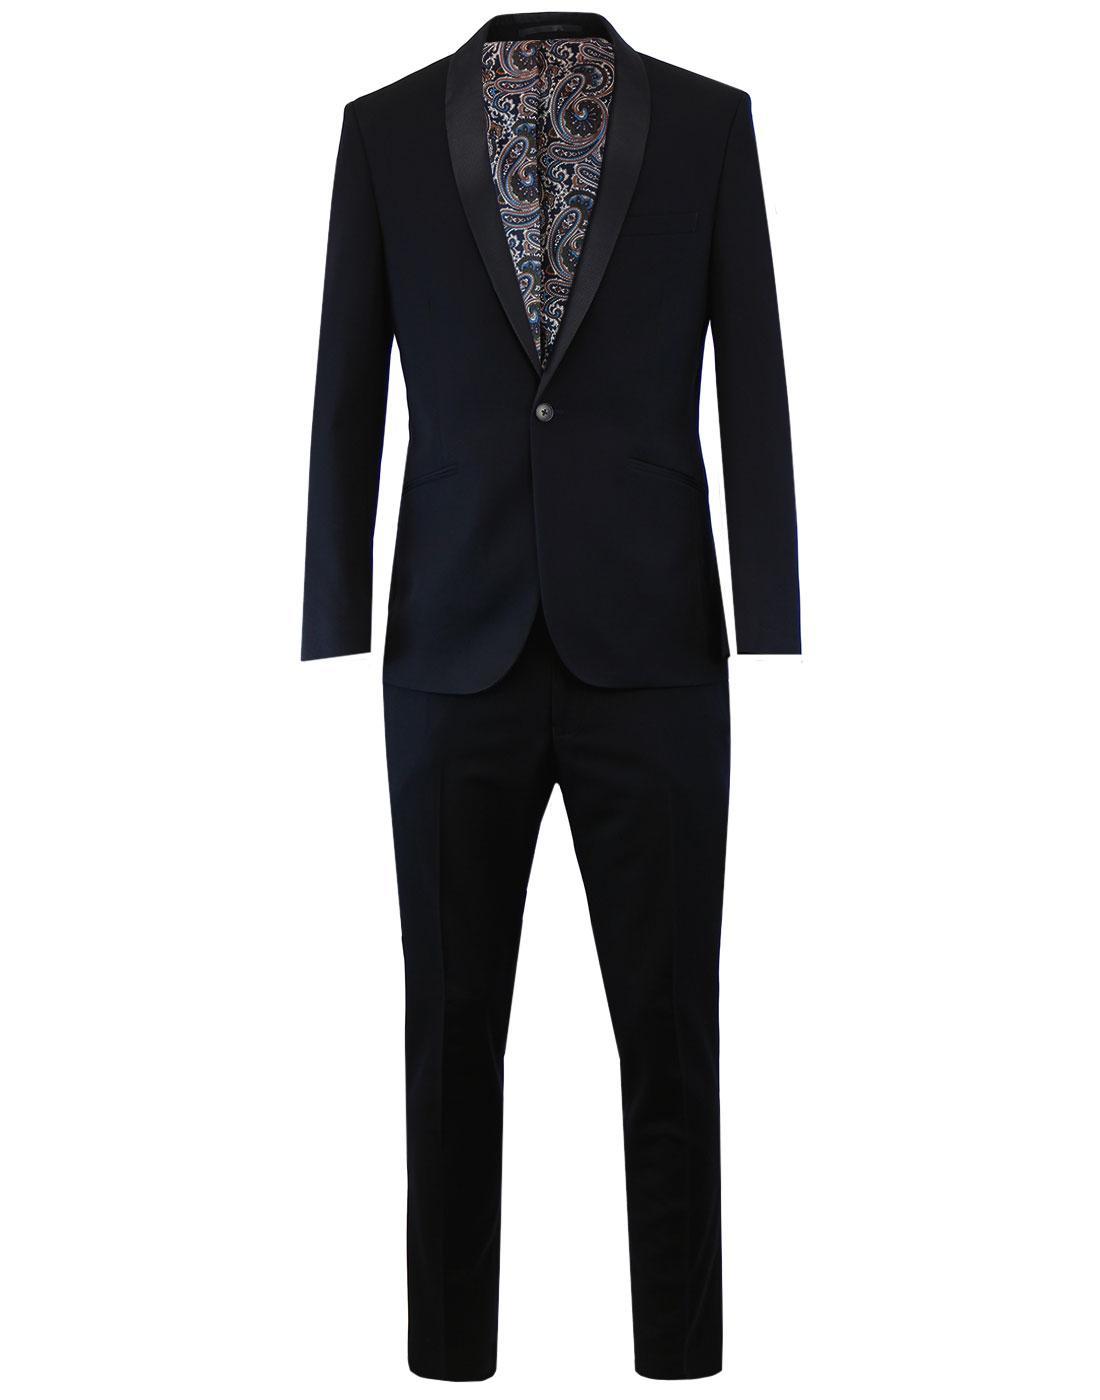 Men's Retro Shawl Collar Dinner/Prom Suit